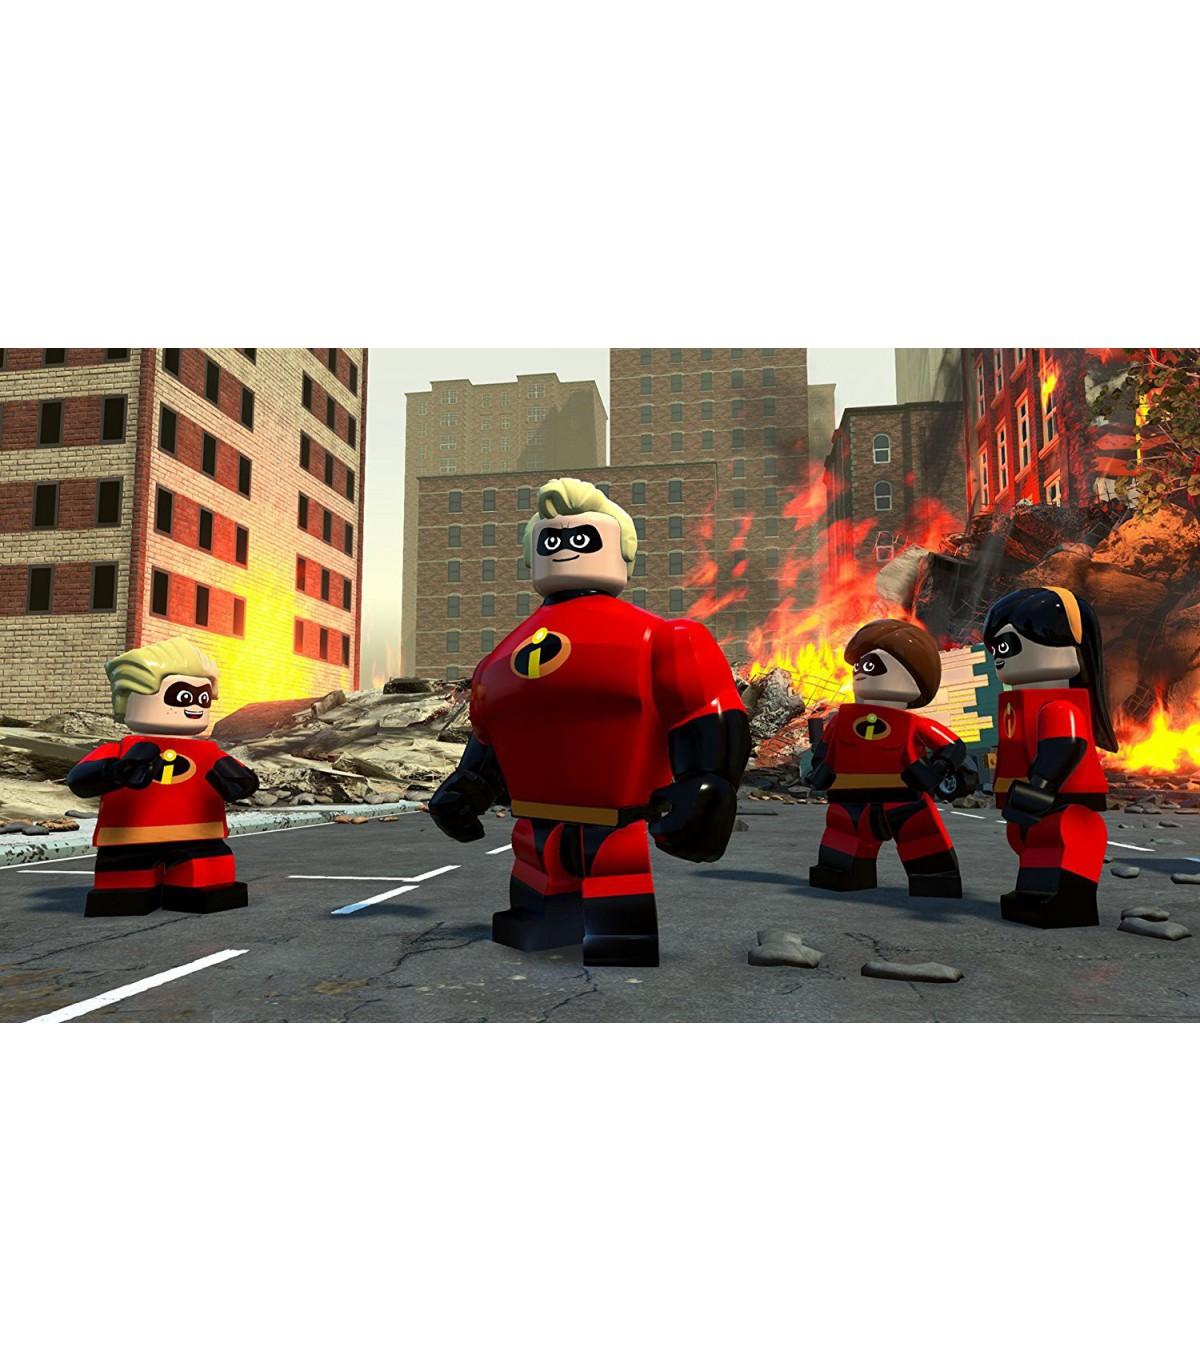 بازی LEGO The Incredibles کارکرده - پلی استیشن 4